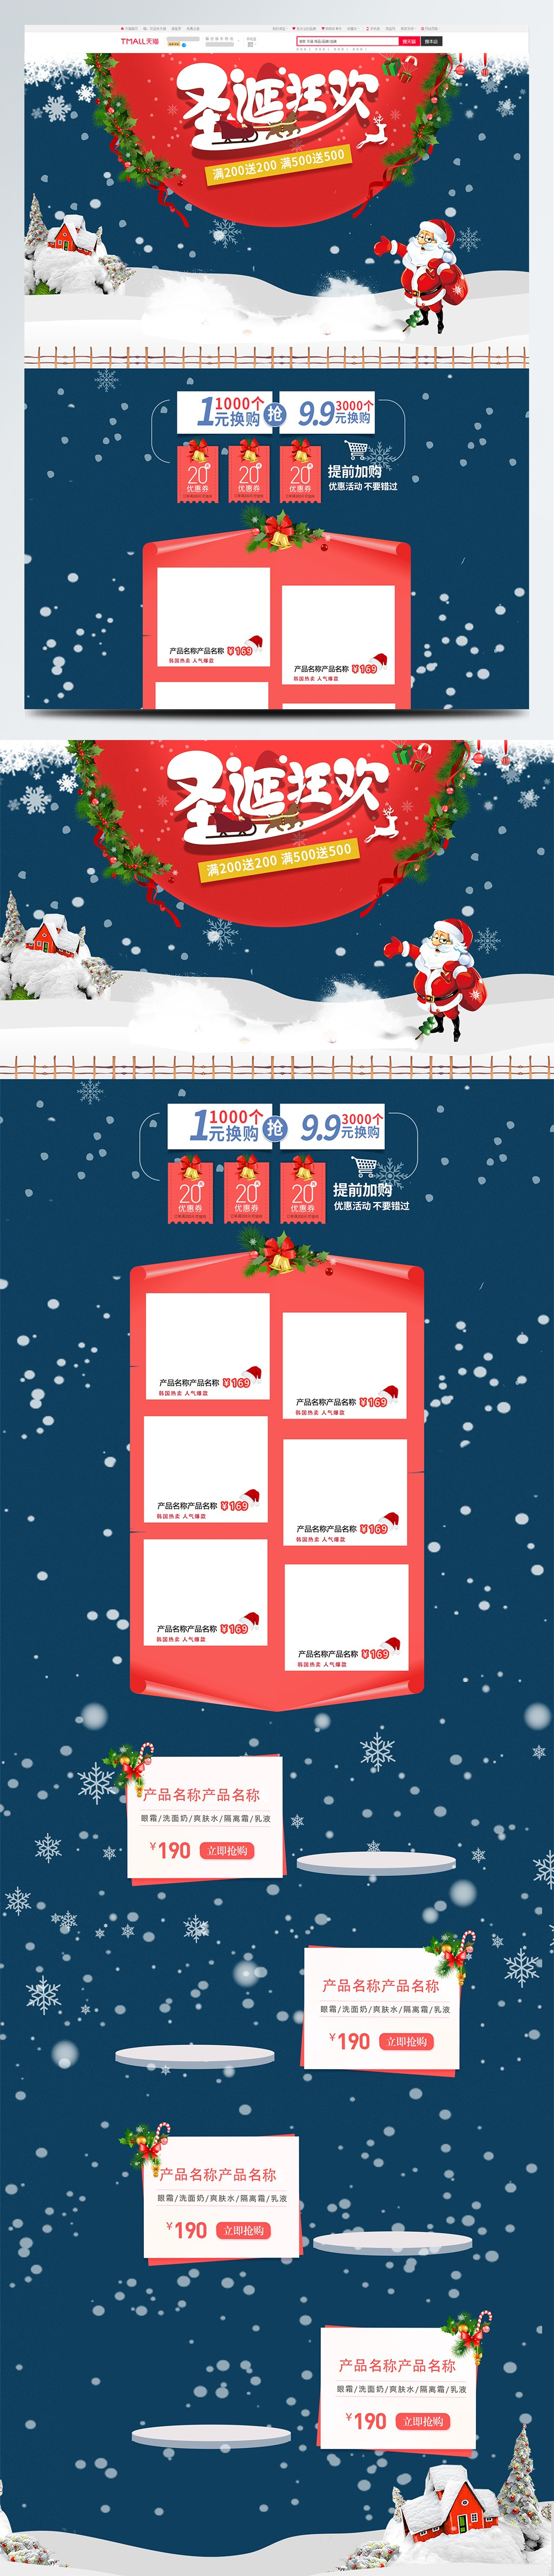 蓝色卡通圣诞节圣诞狂欢化妆品店铺首页